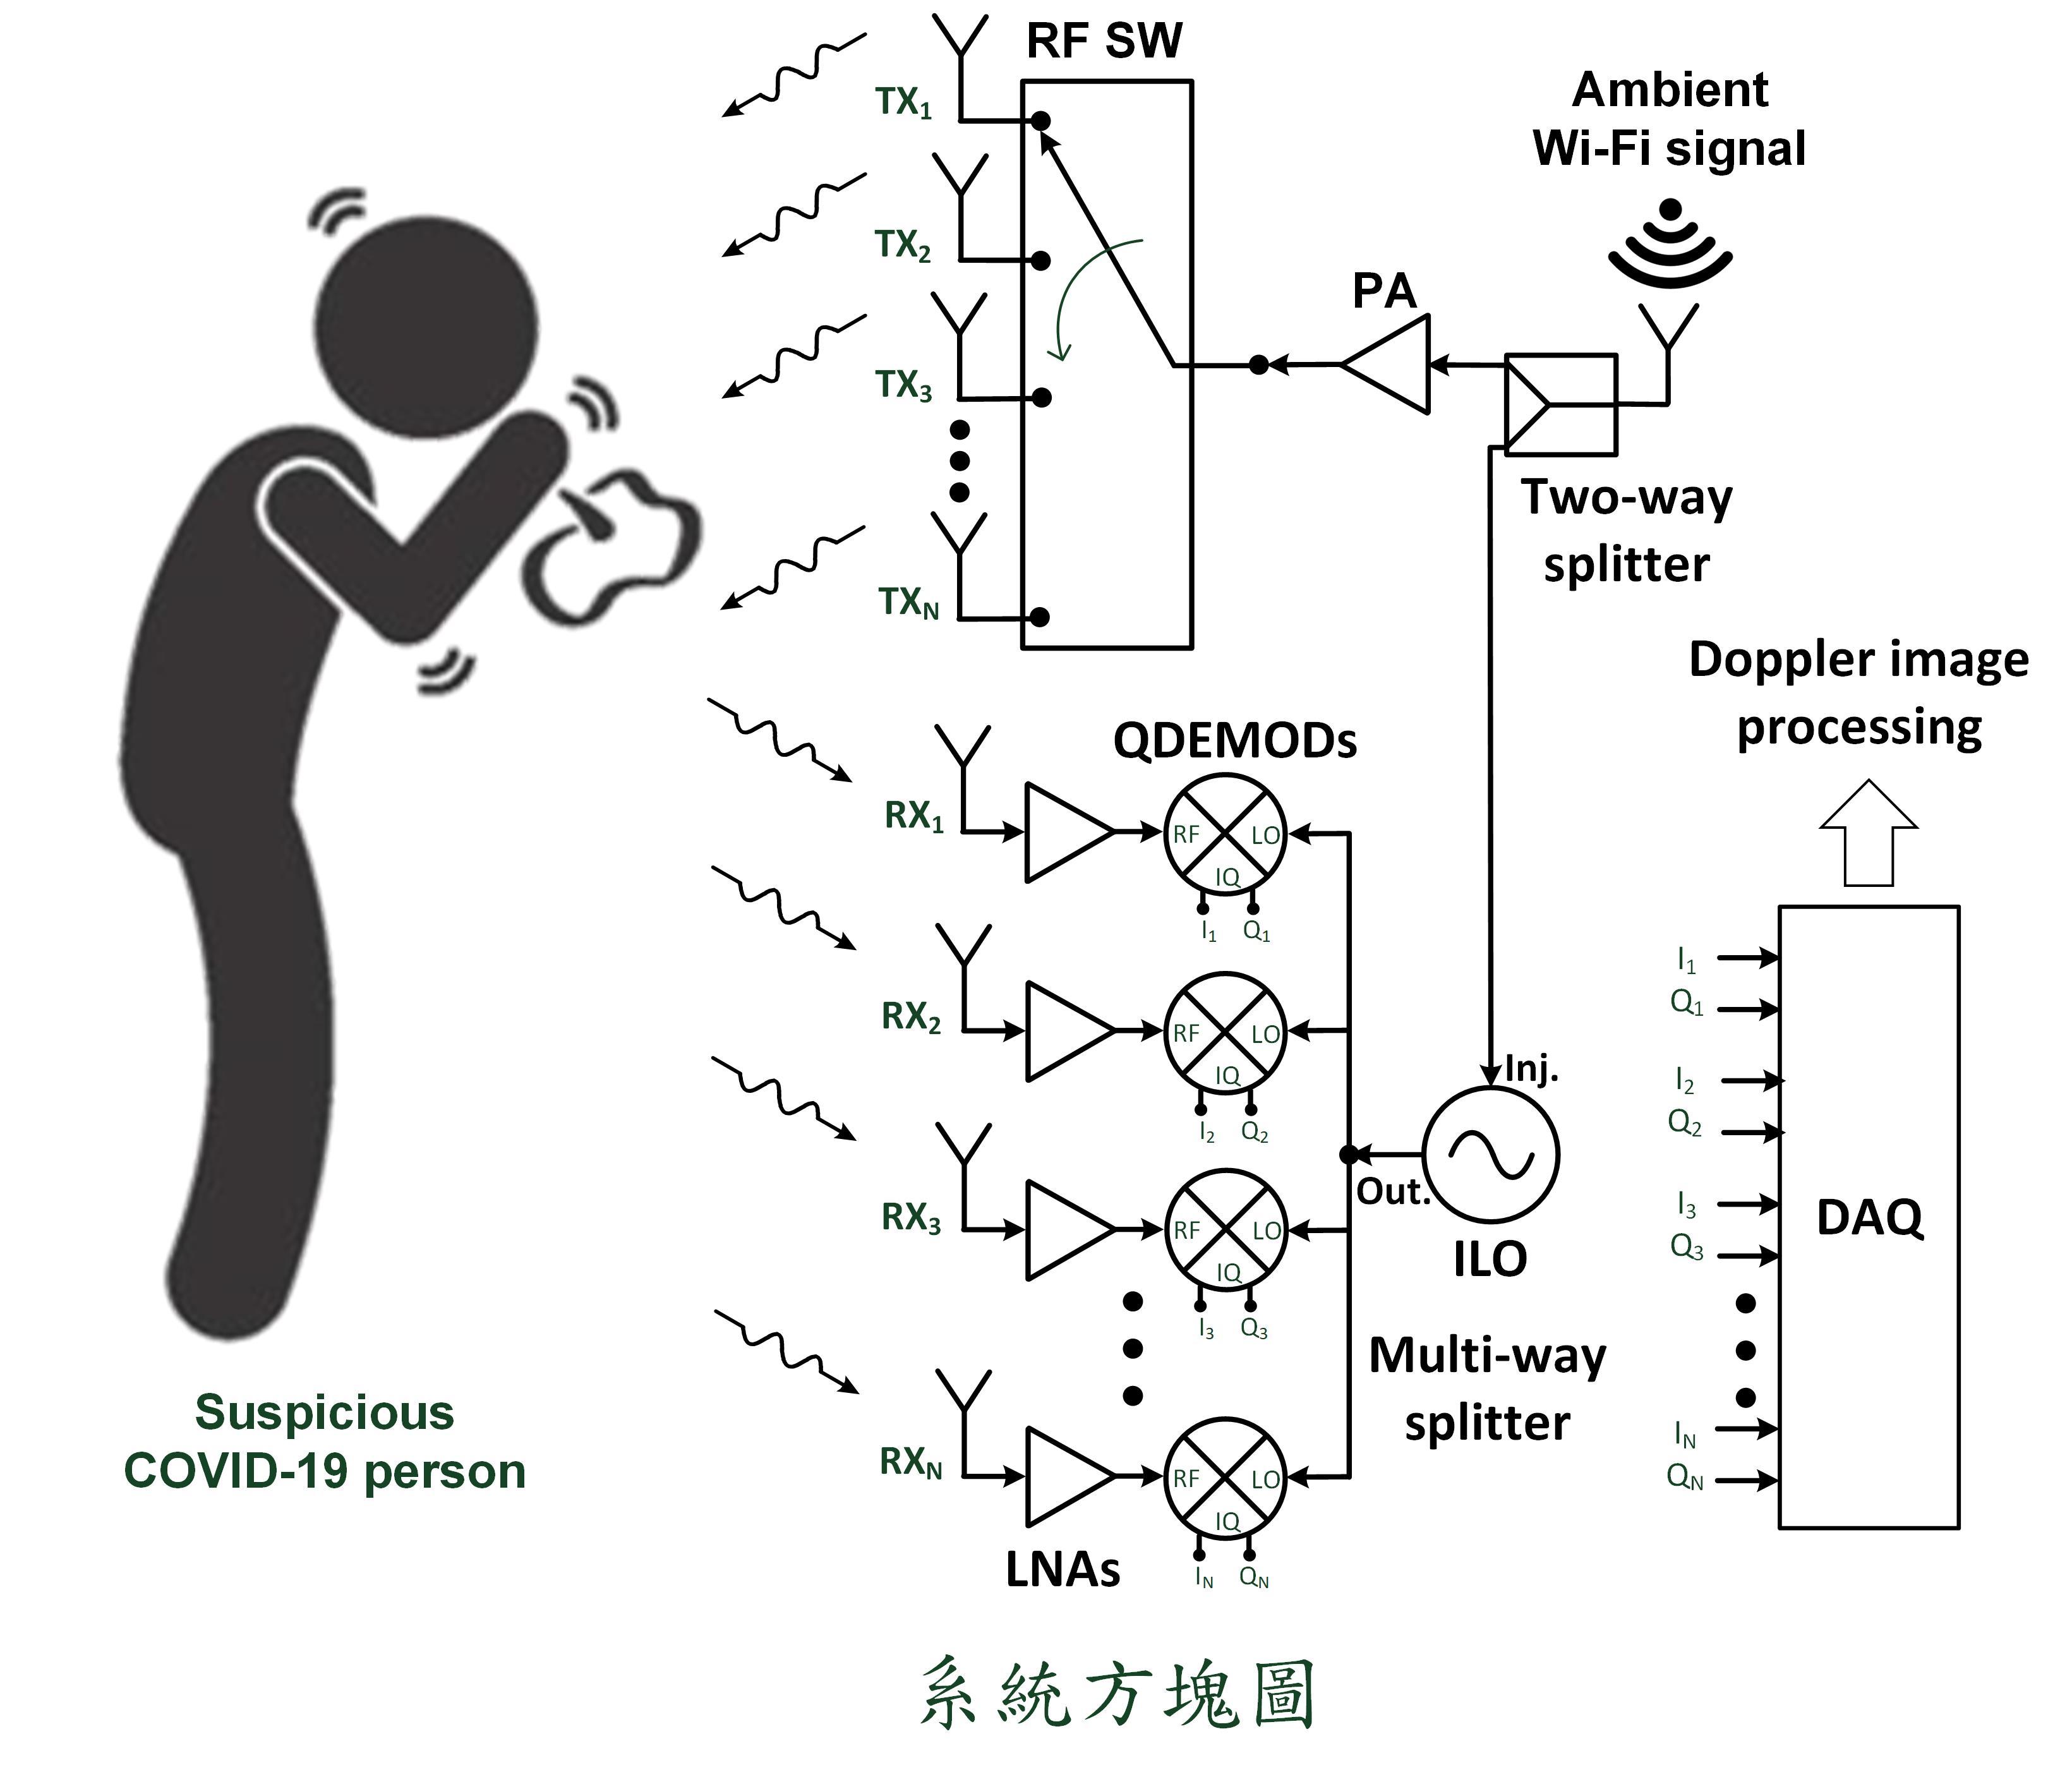 利用環境Wi-Fi訊號進行感測之防疫用途非接觸健康監測系統